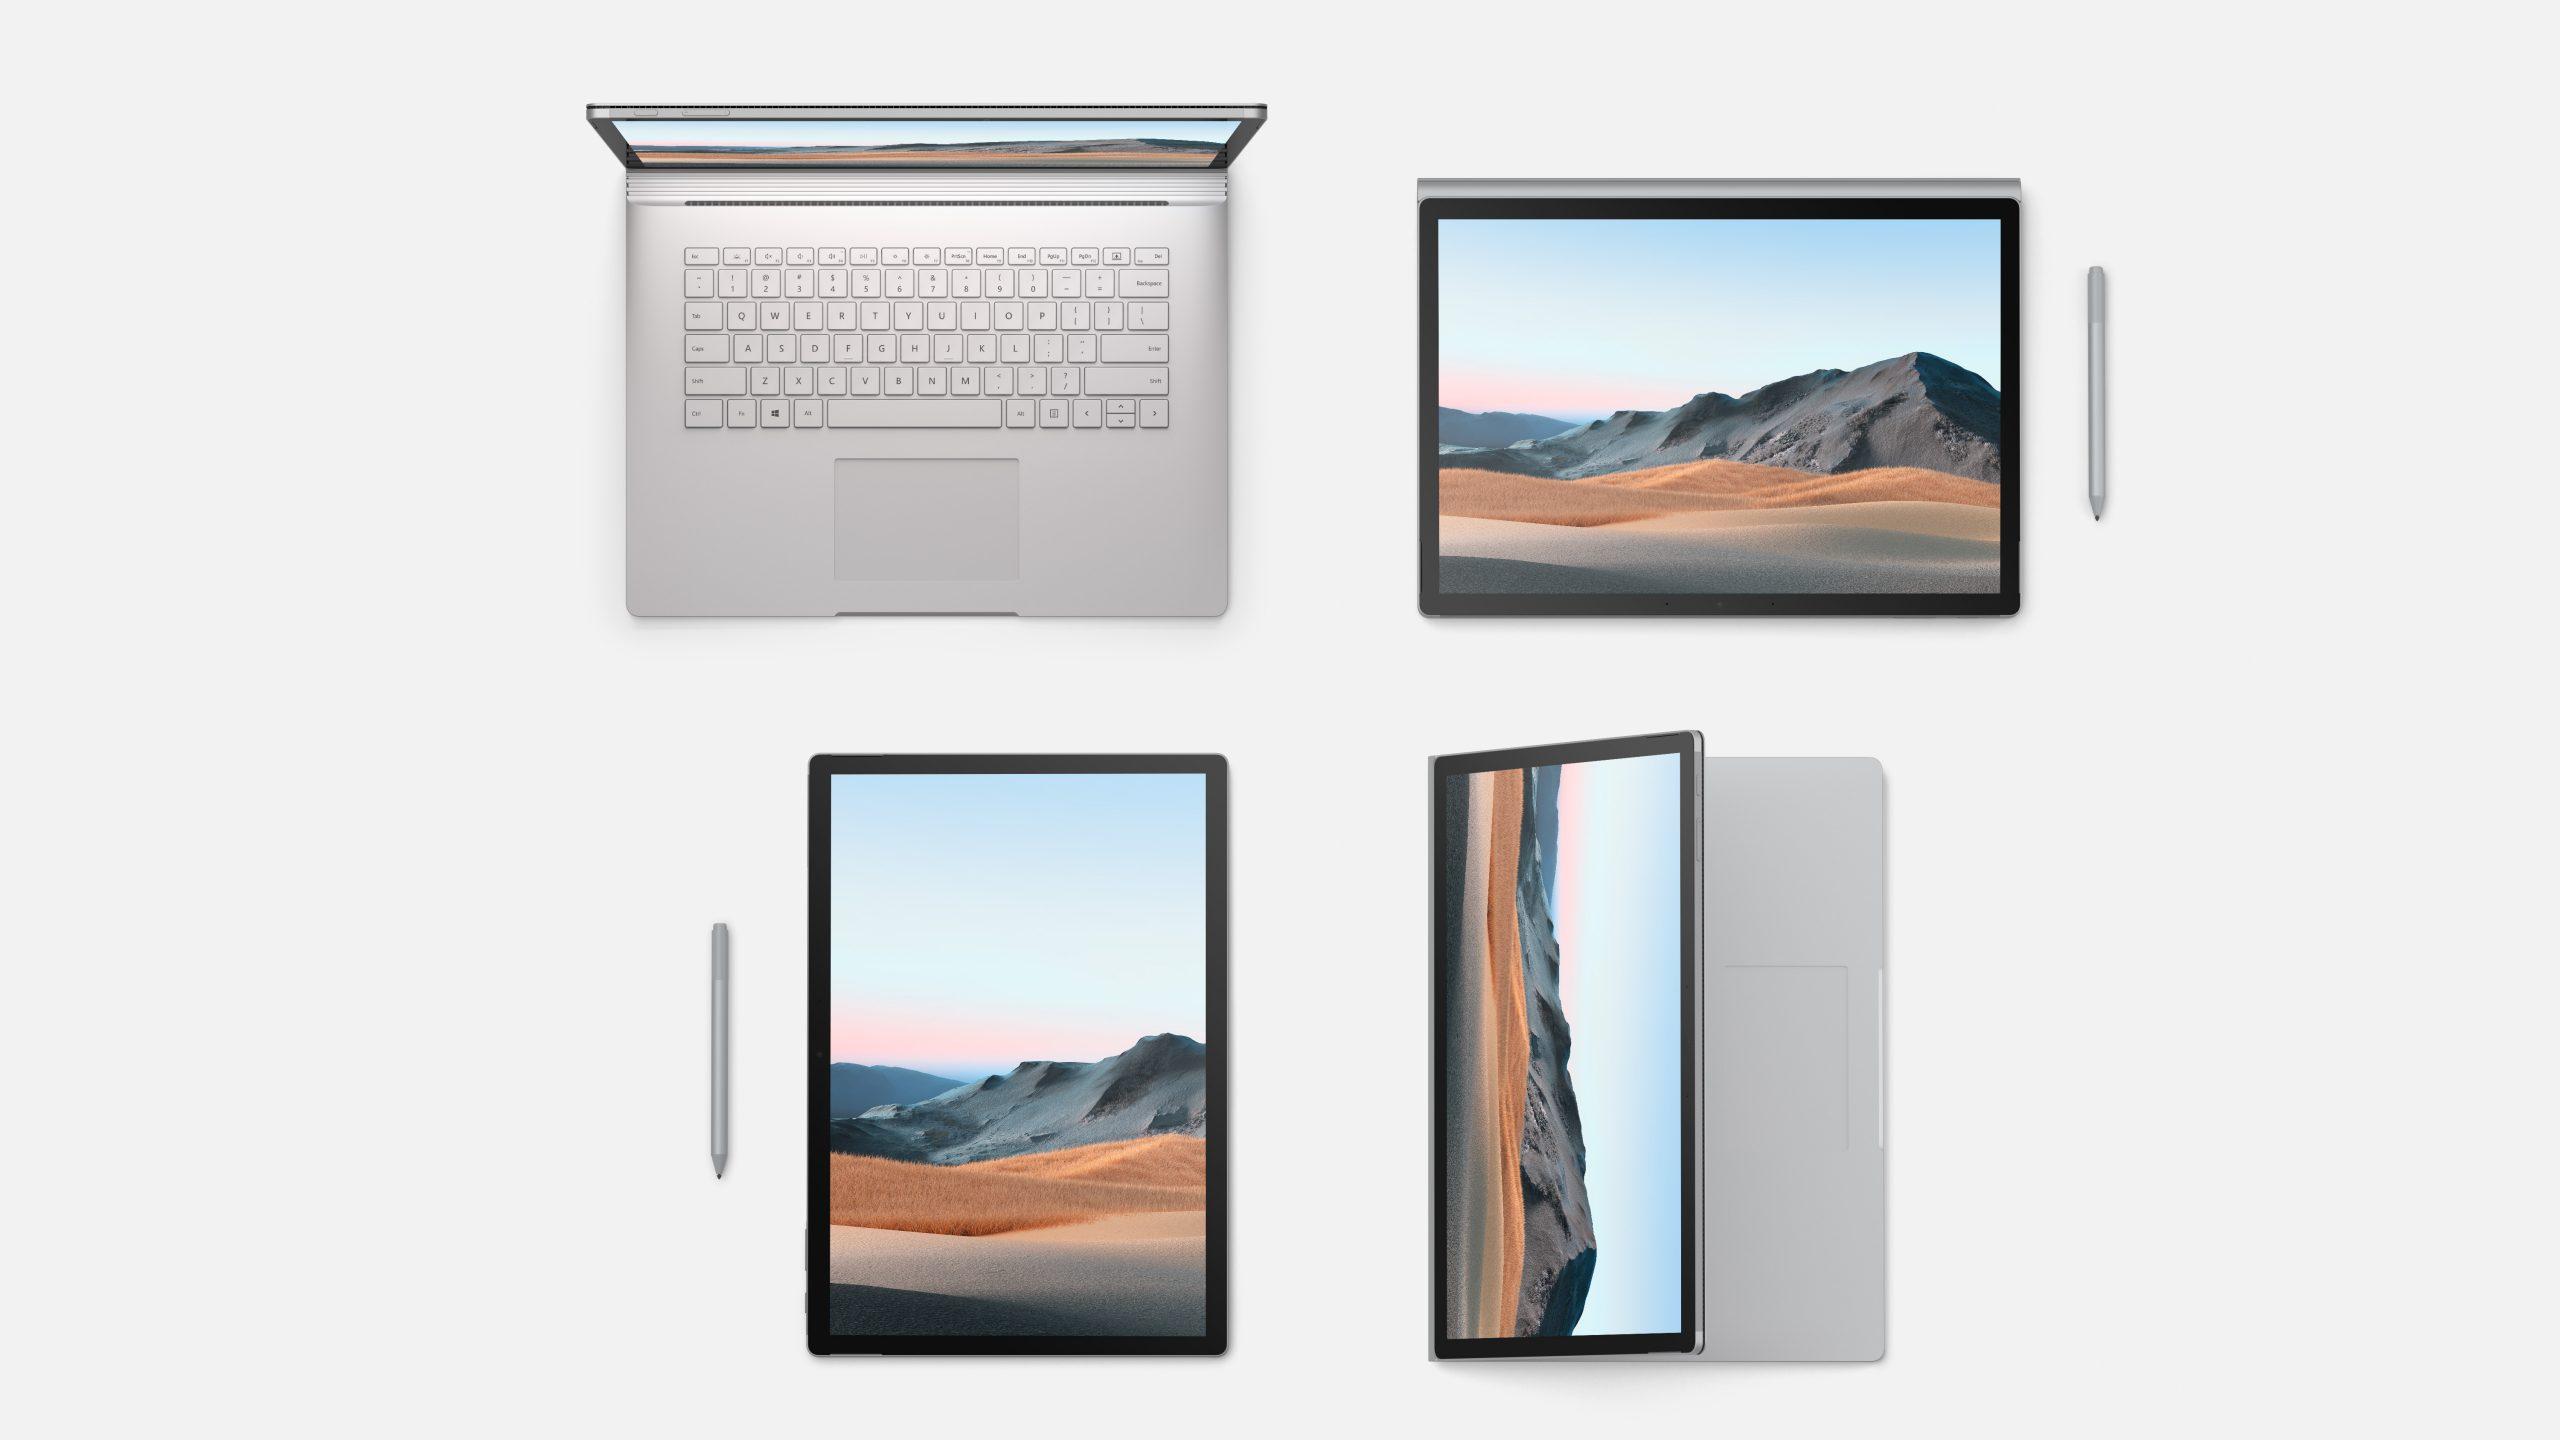 Microsoft annuncia i nuovi Surface Go 2 e Surface Book 3 thumbnail